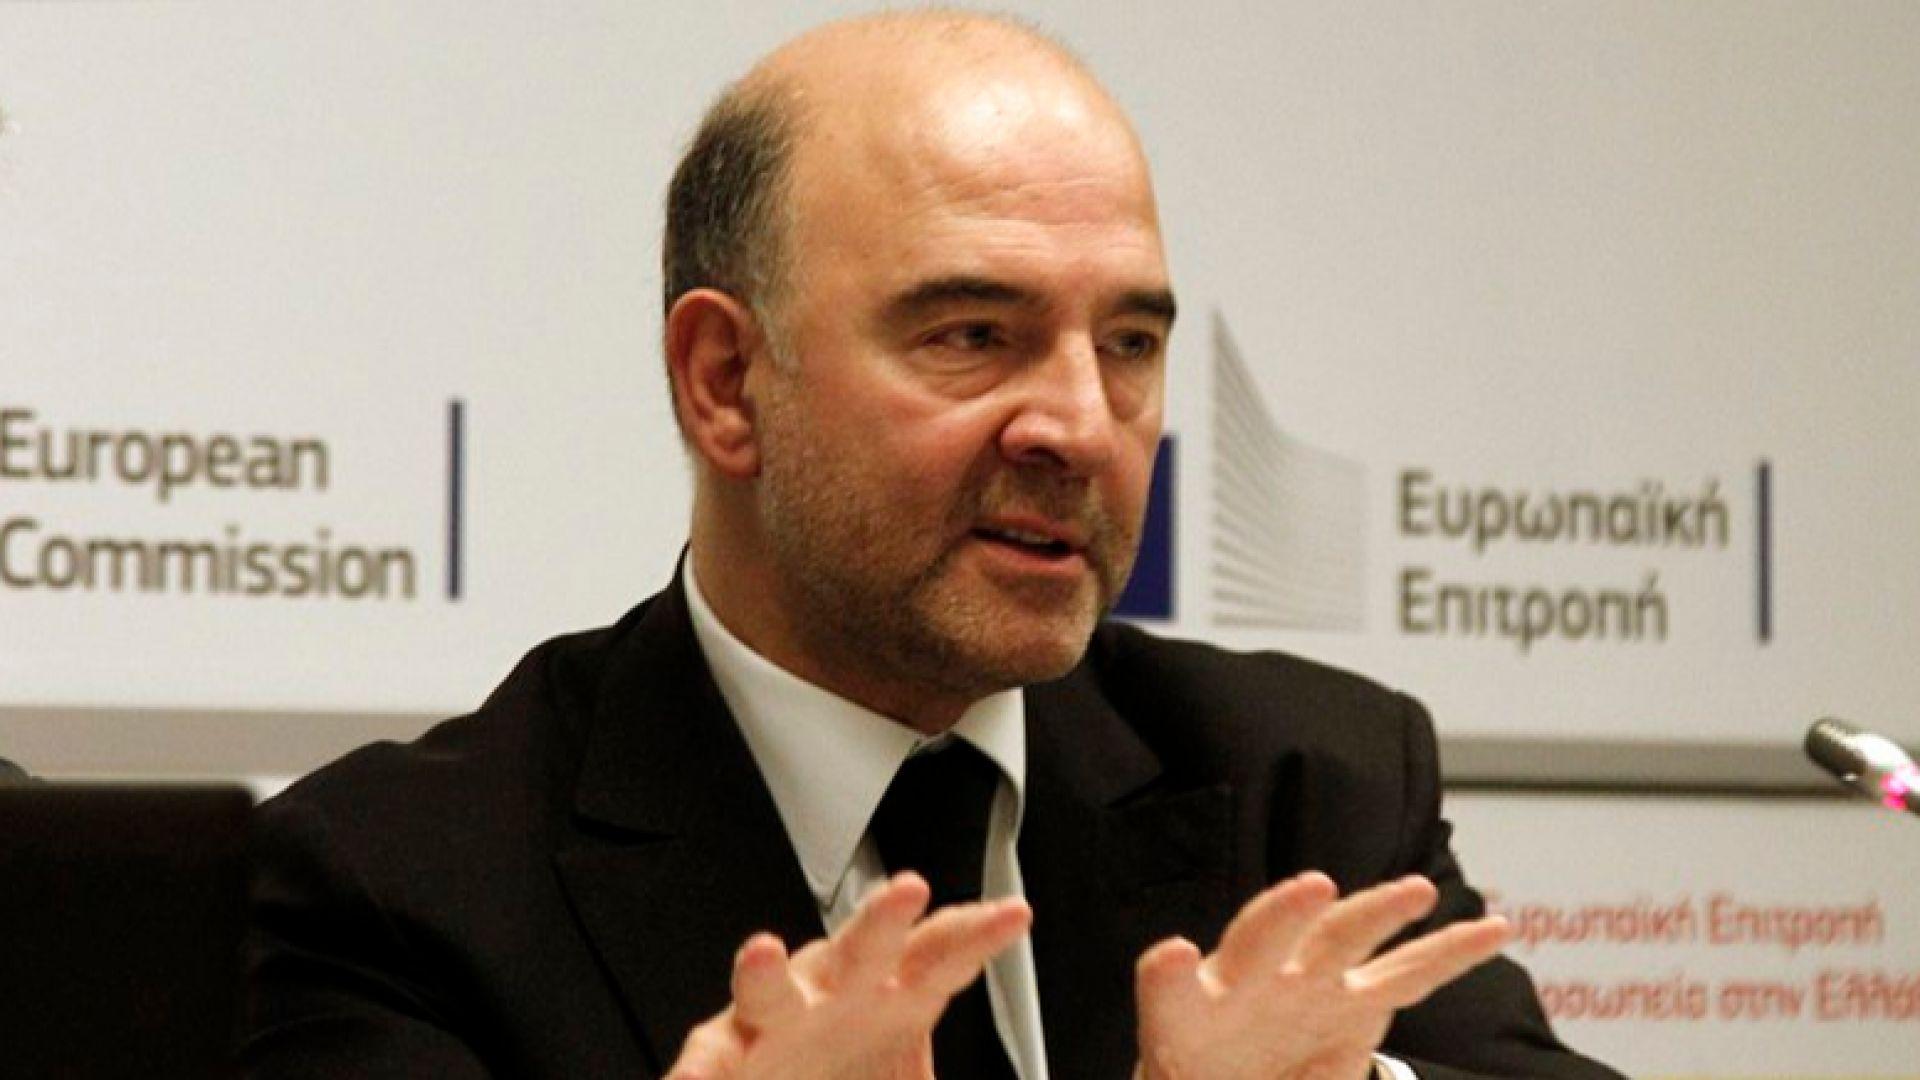 Московиси против нова програма за Гърция